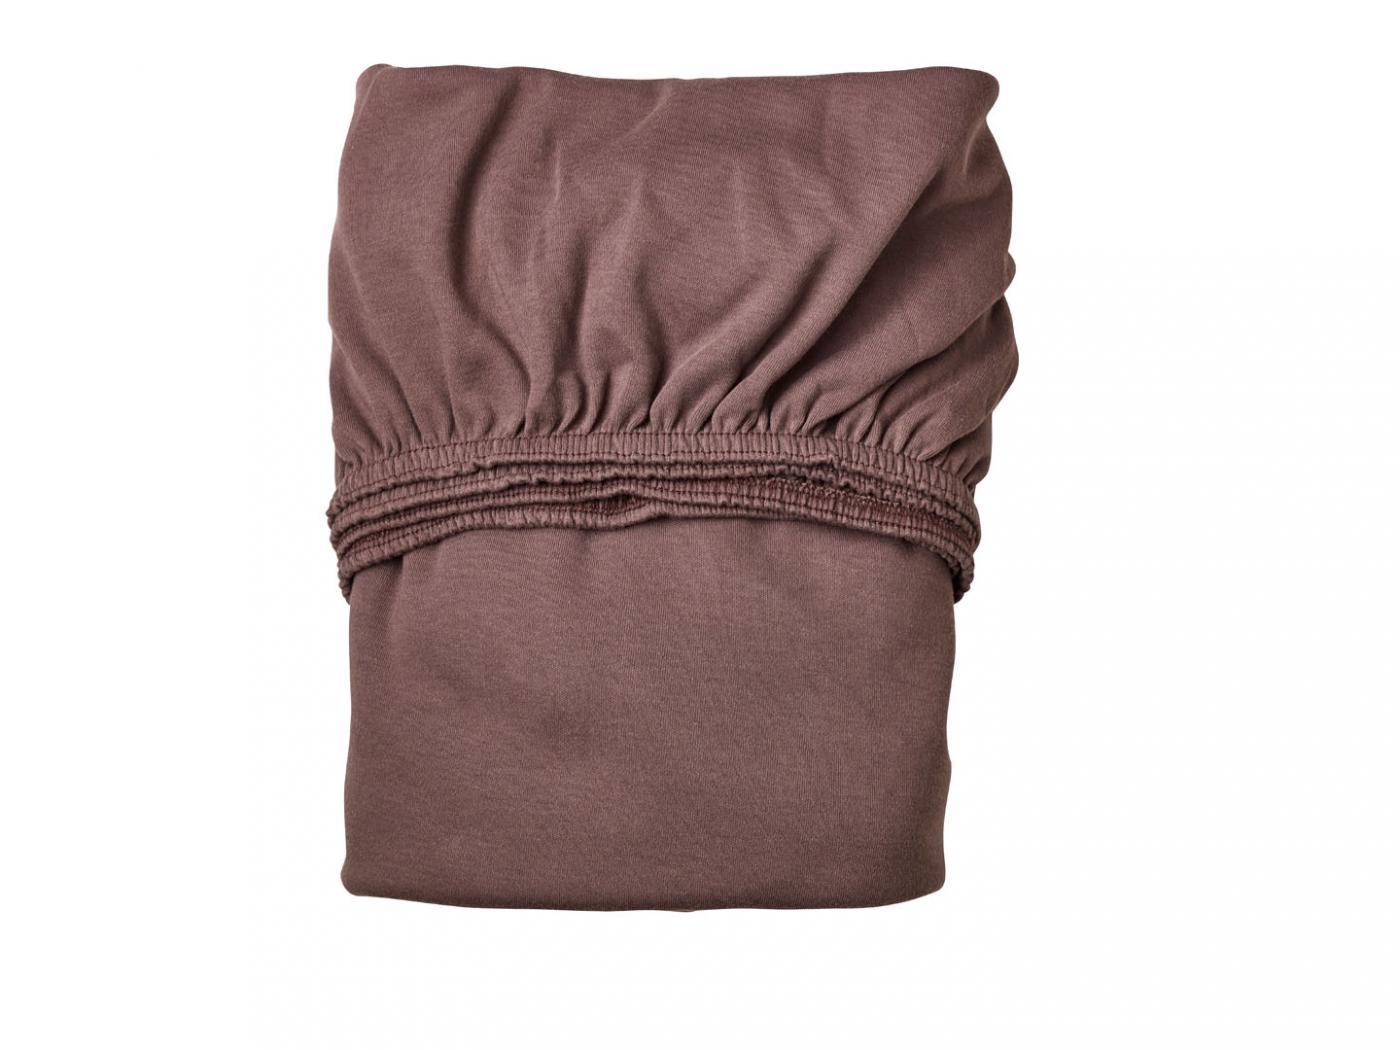 leander draps housse b b prune. Black Bedroom Furniture Sets. Home Design Ideas